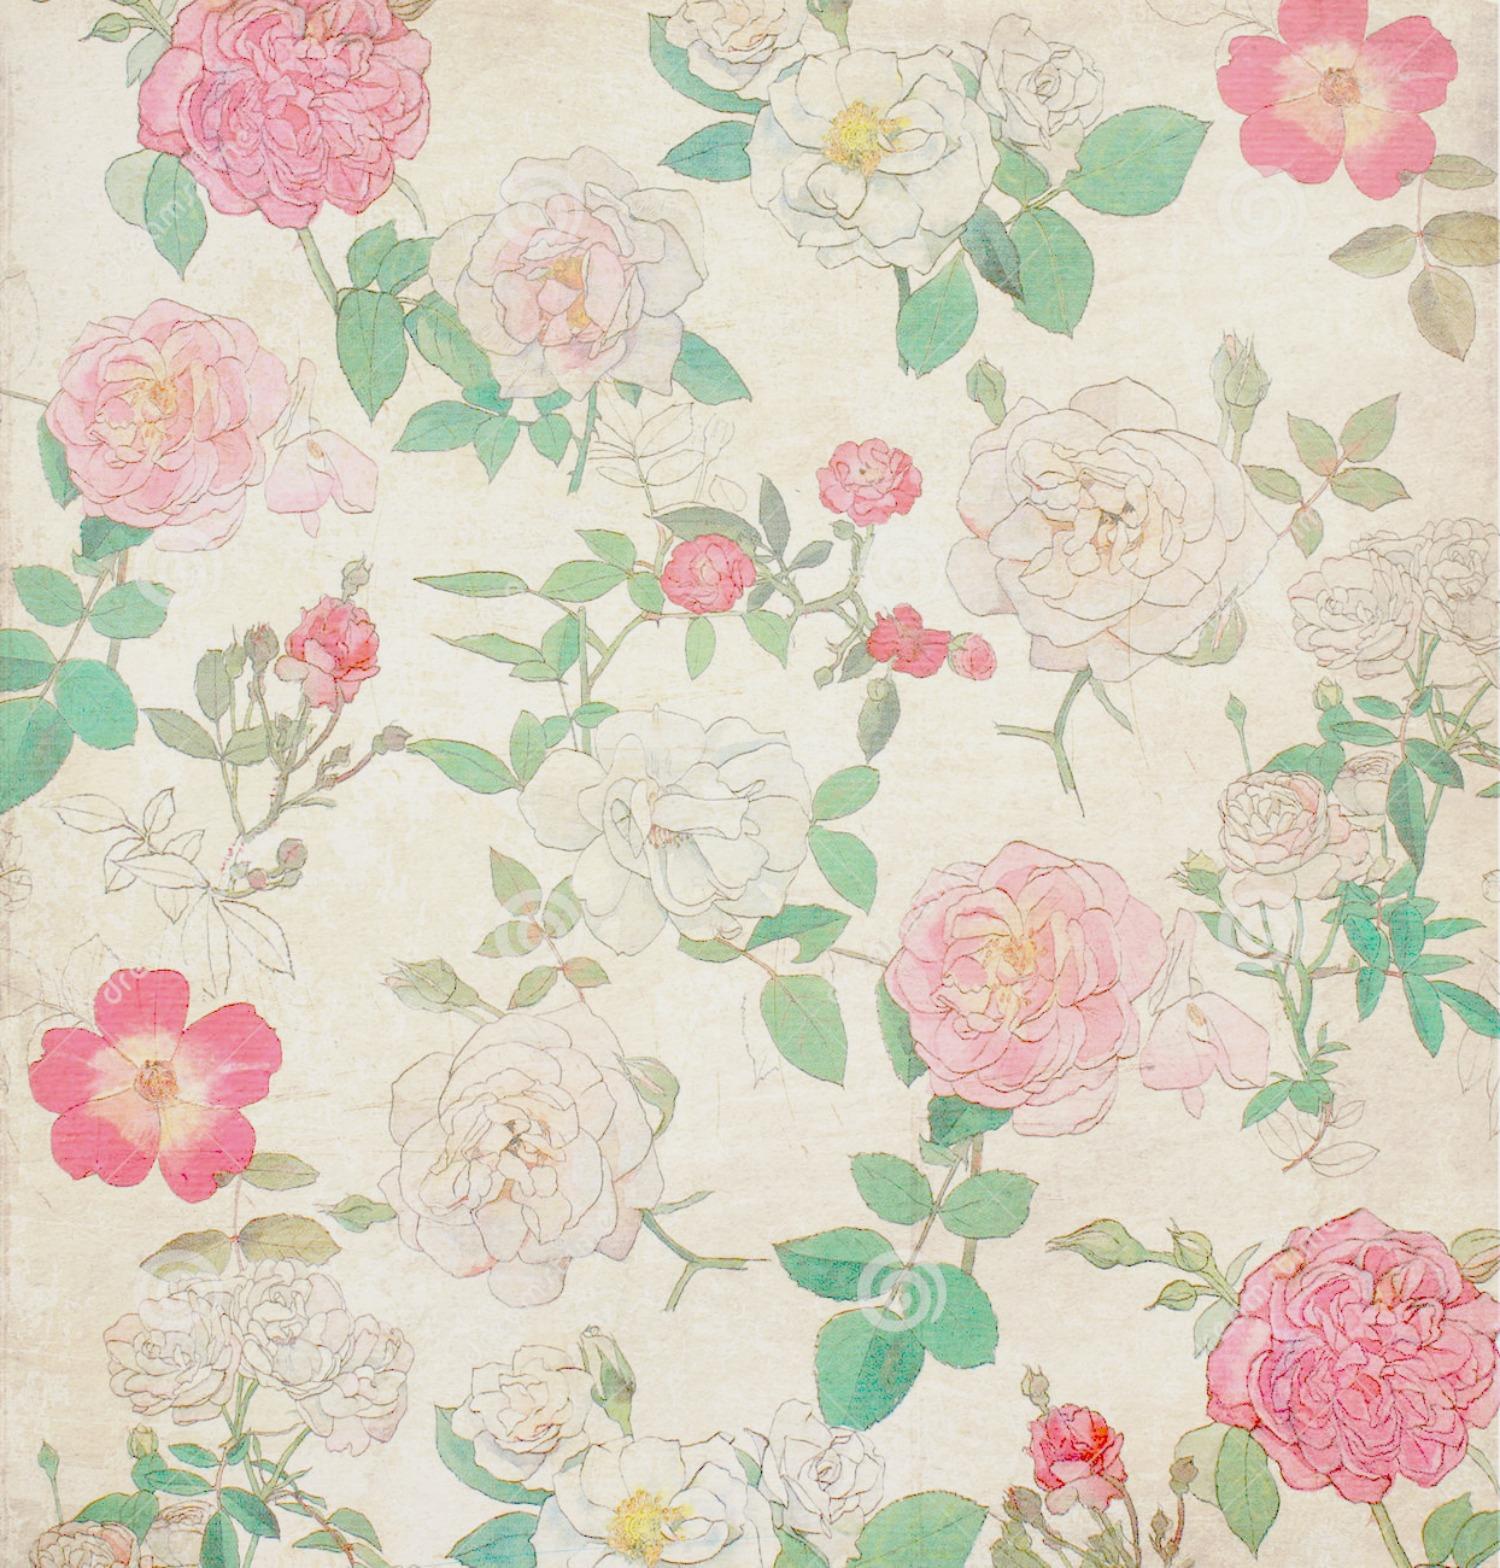 vintage flowers on tumblr - photo #9